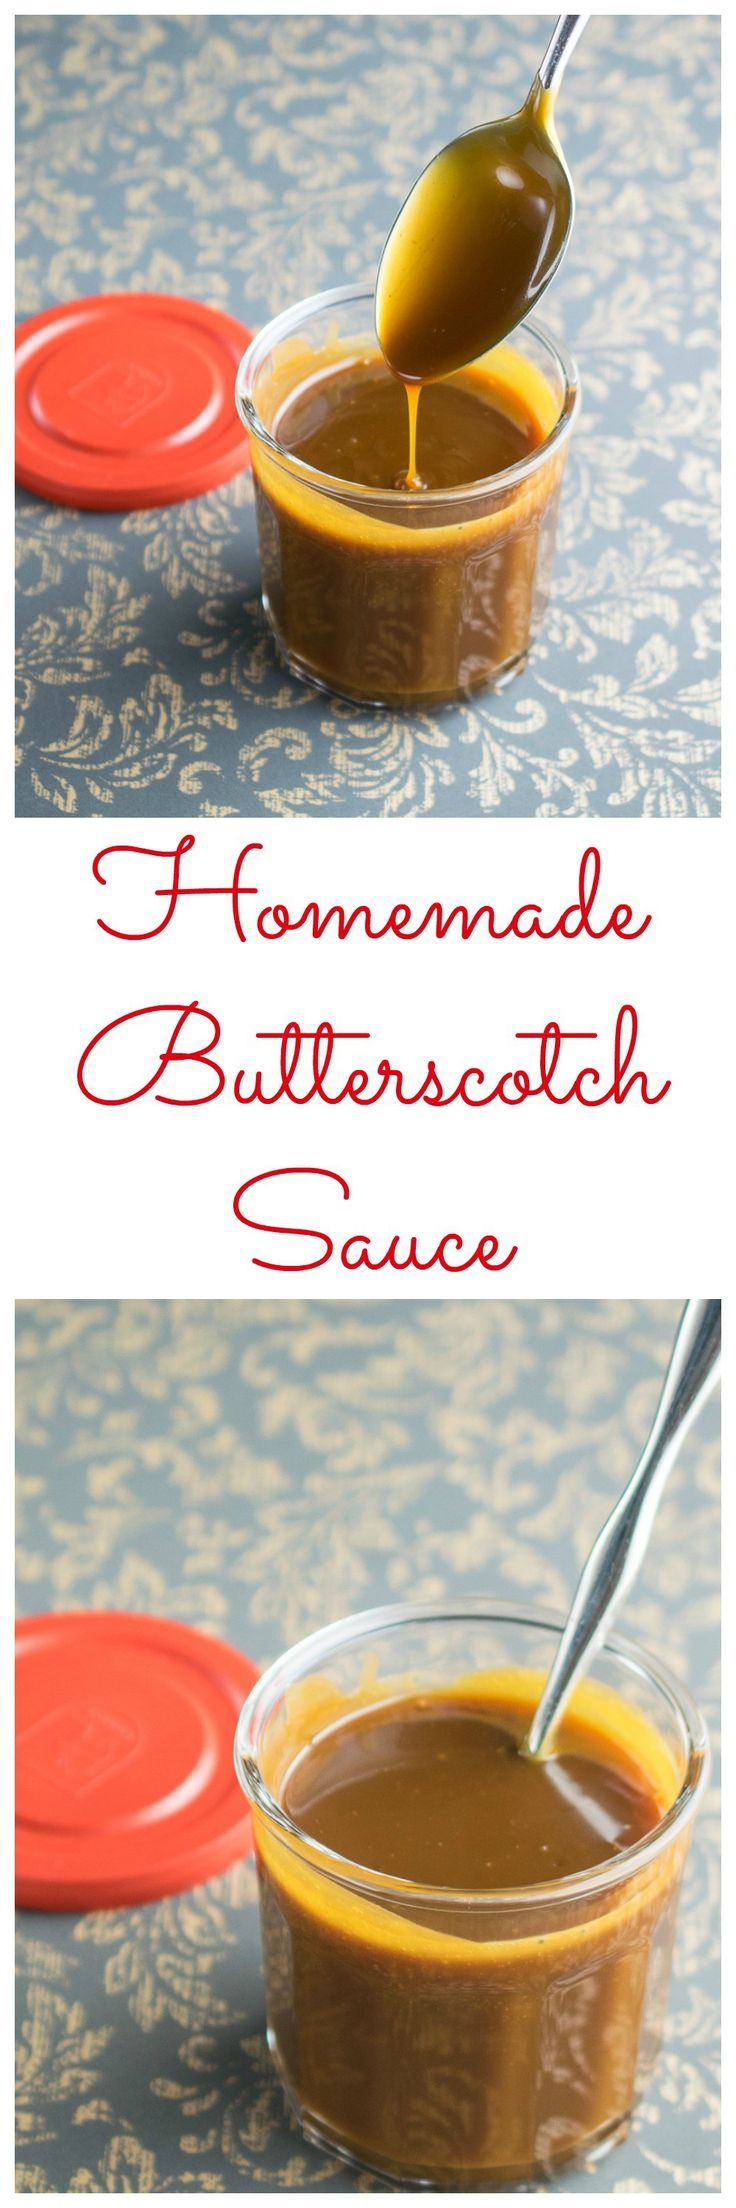 homemade butterscotch sauce